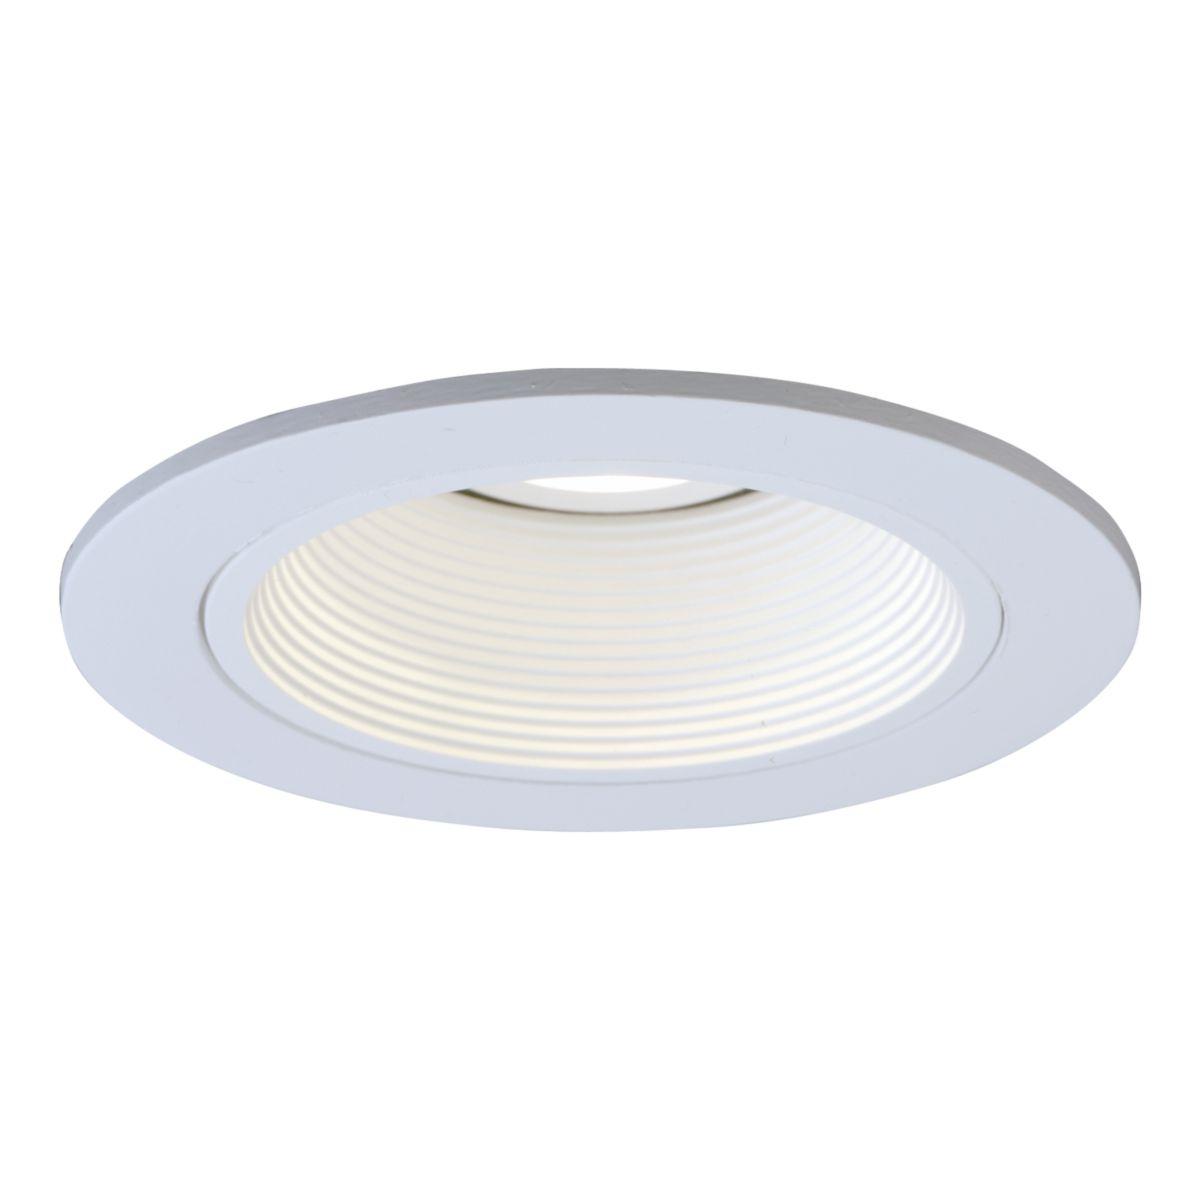 1493 LV Coilex® Baffle 35° Tilt